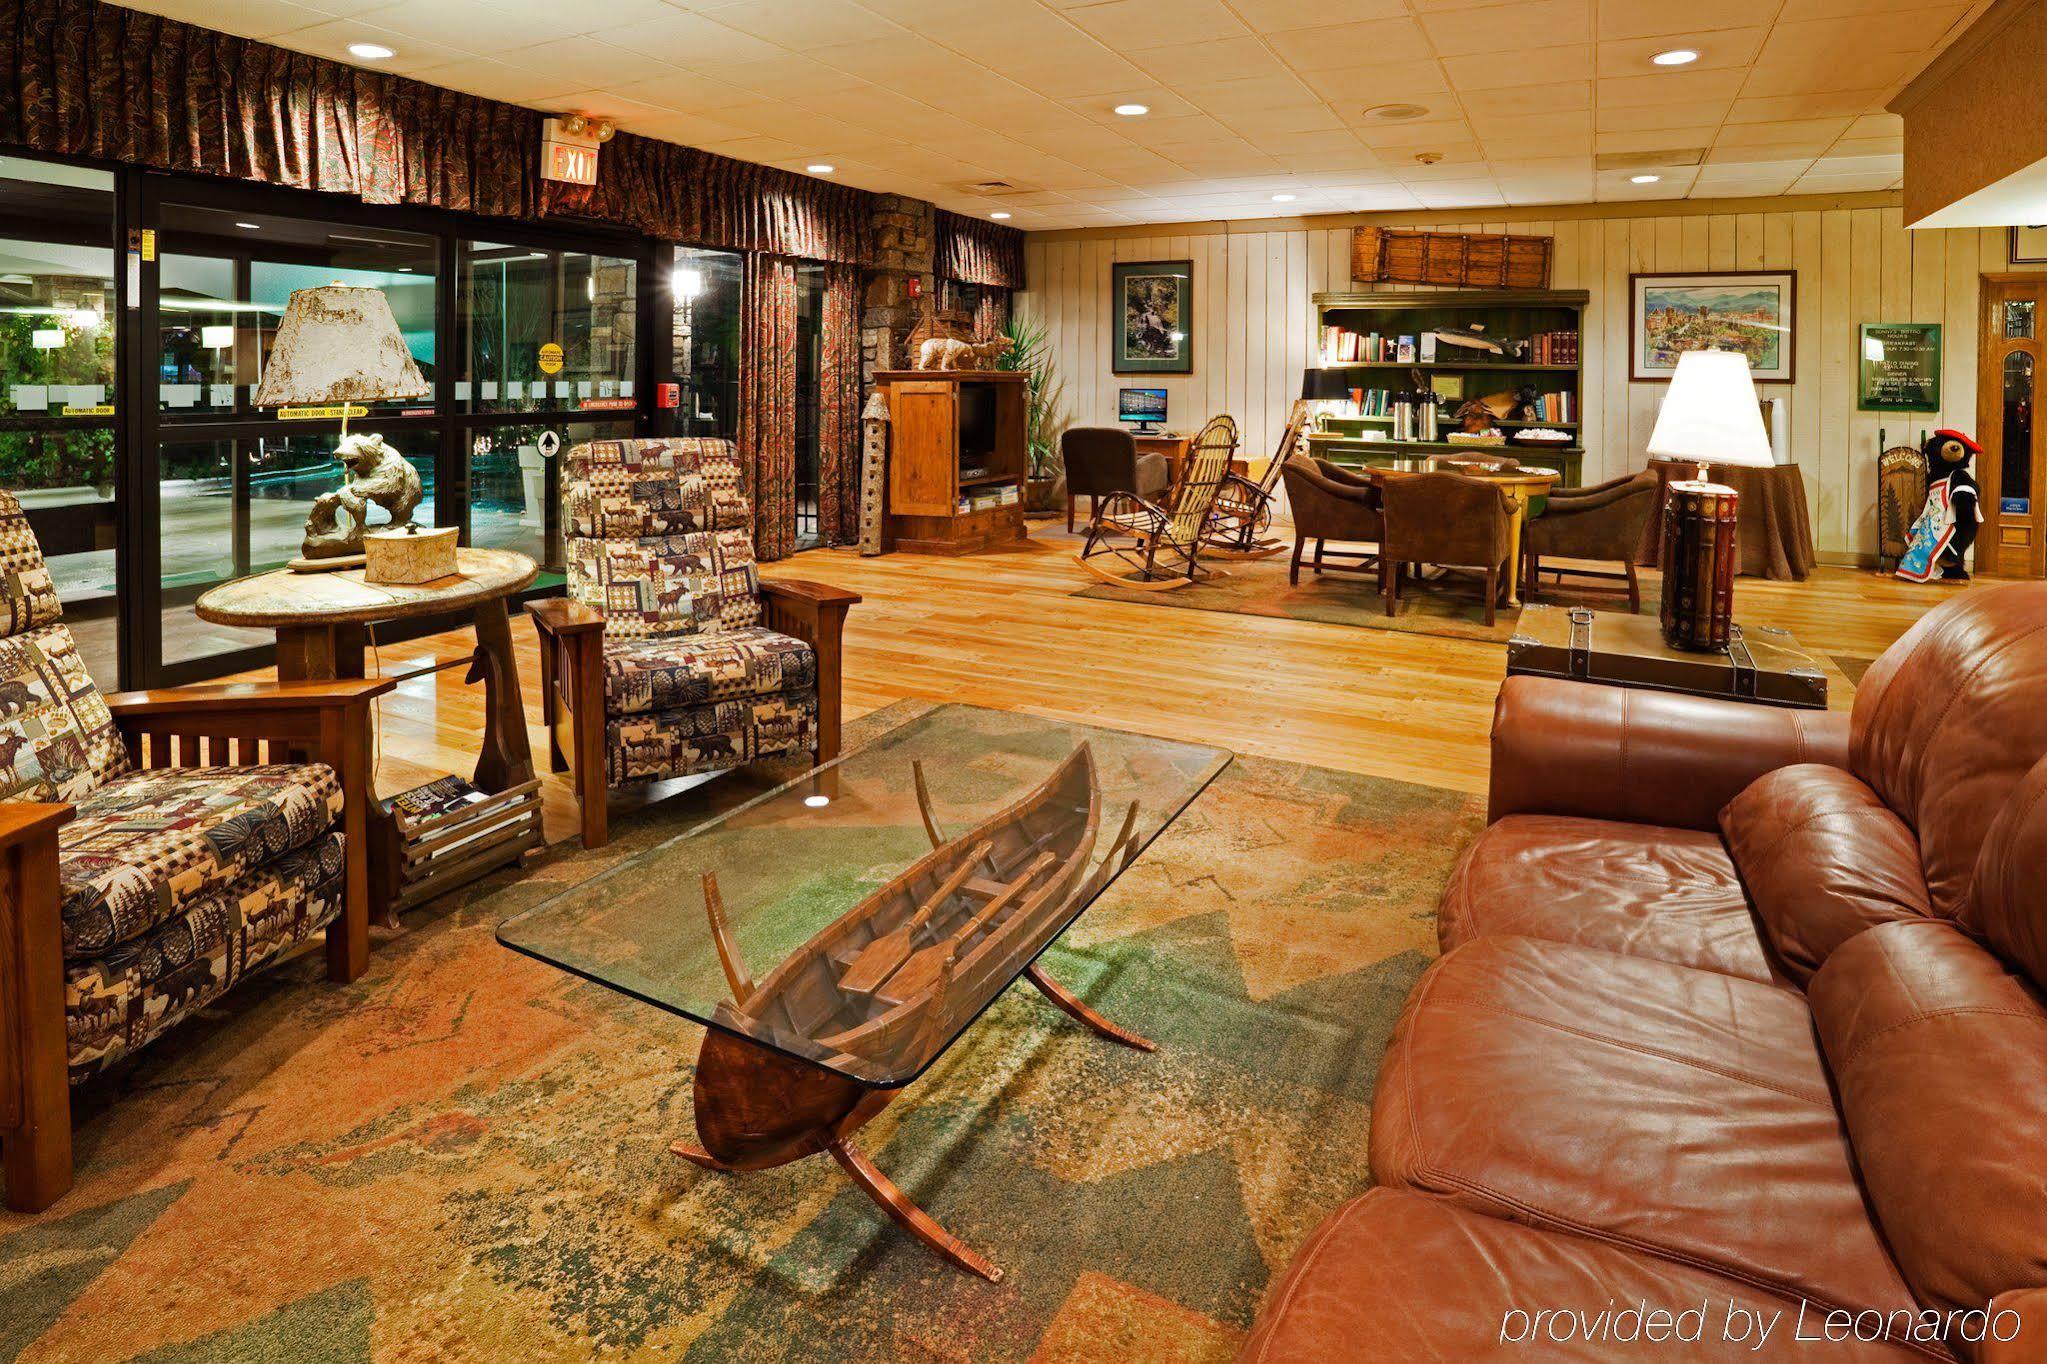 Holiday Inn Asheville - Biltmore East